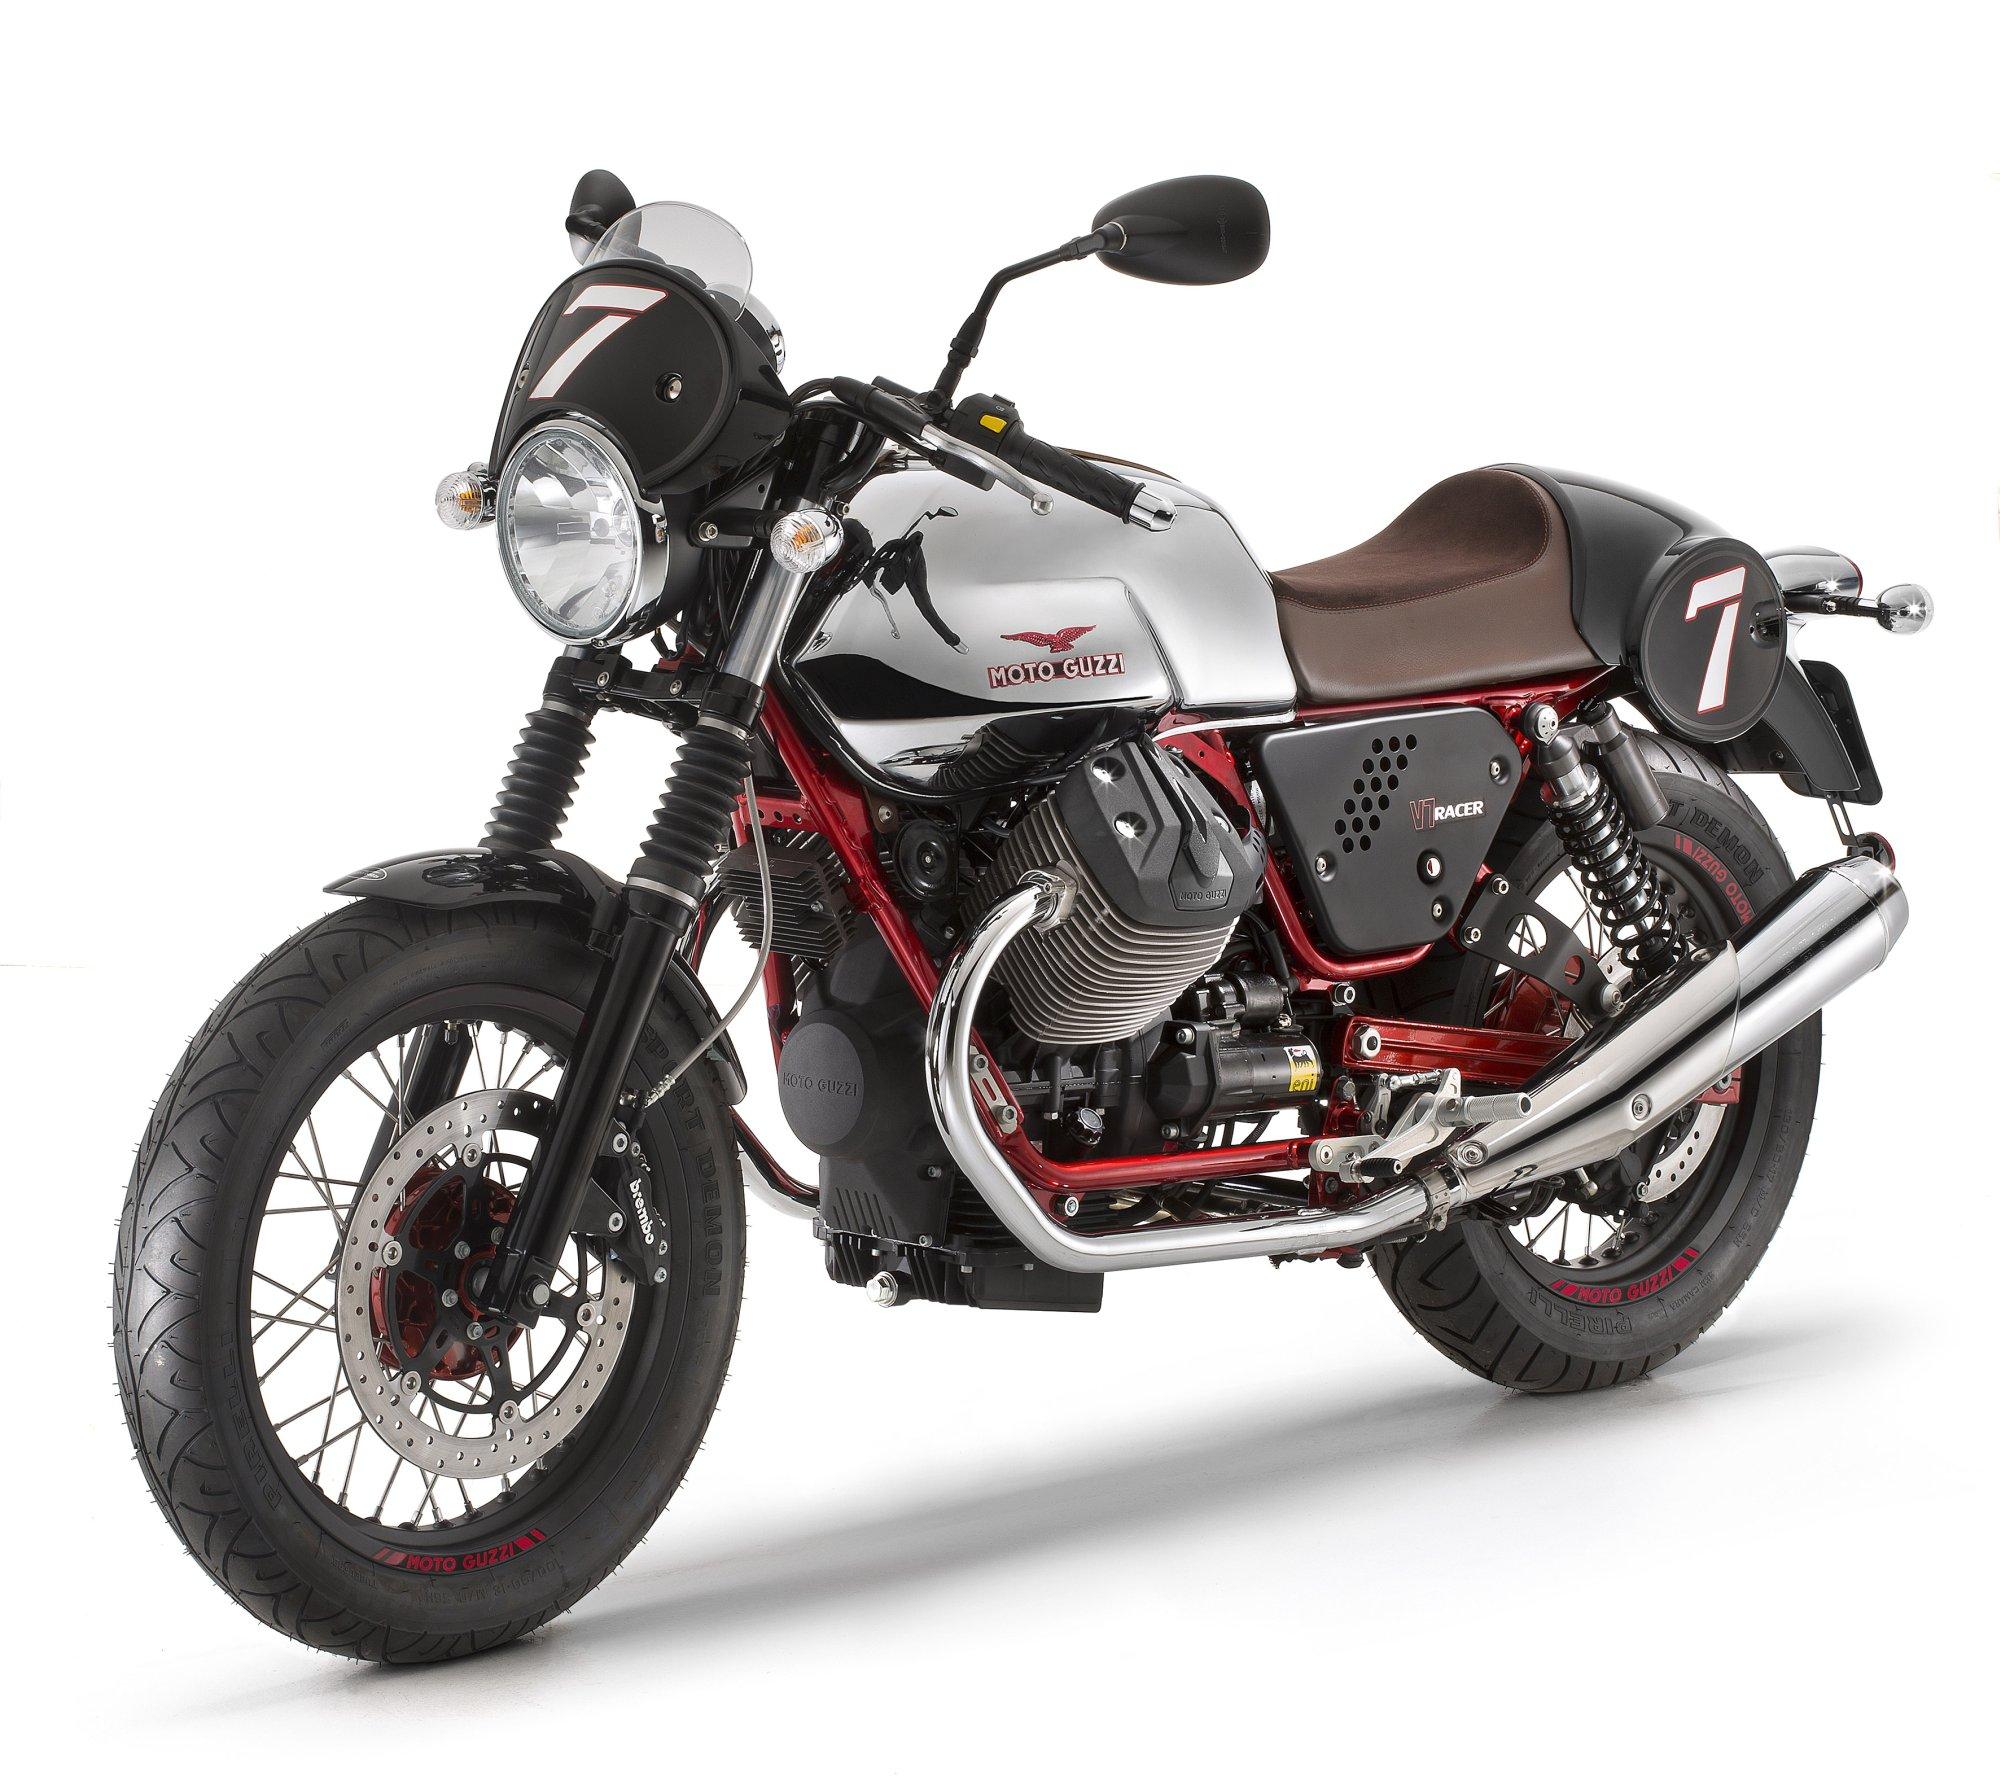 gebrauchte moto guzzi v7 racer motorr der kaufen. Black Bedroom Furniture Sets. Home Design Ideas